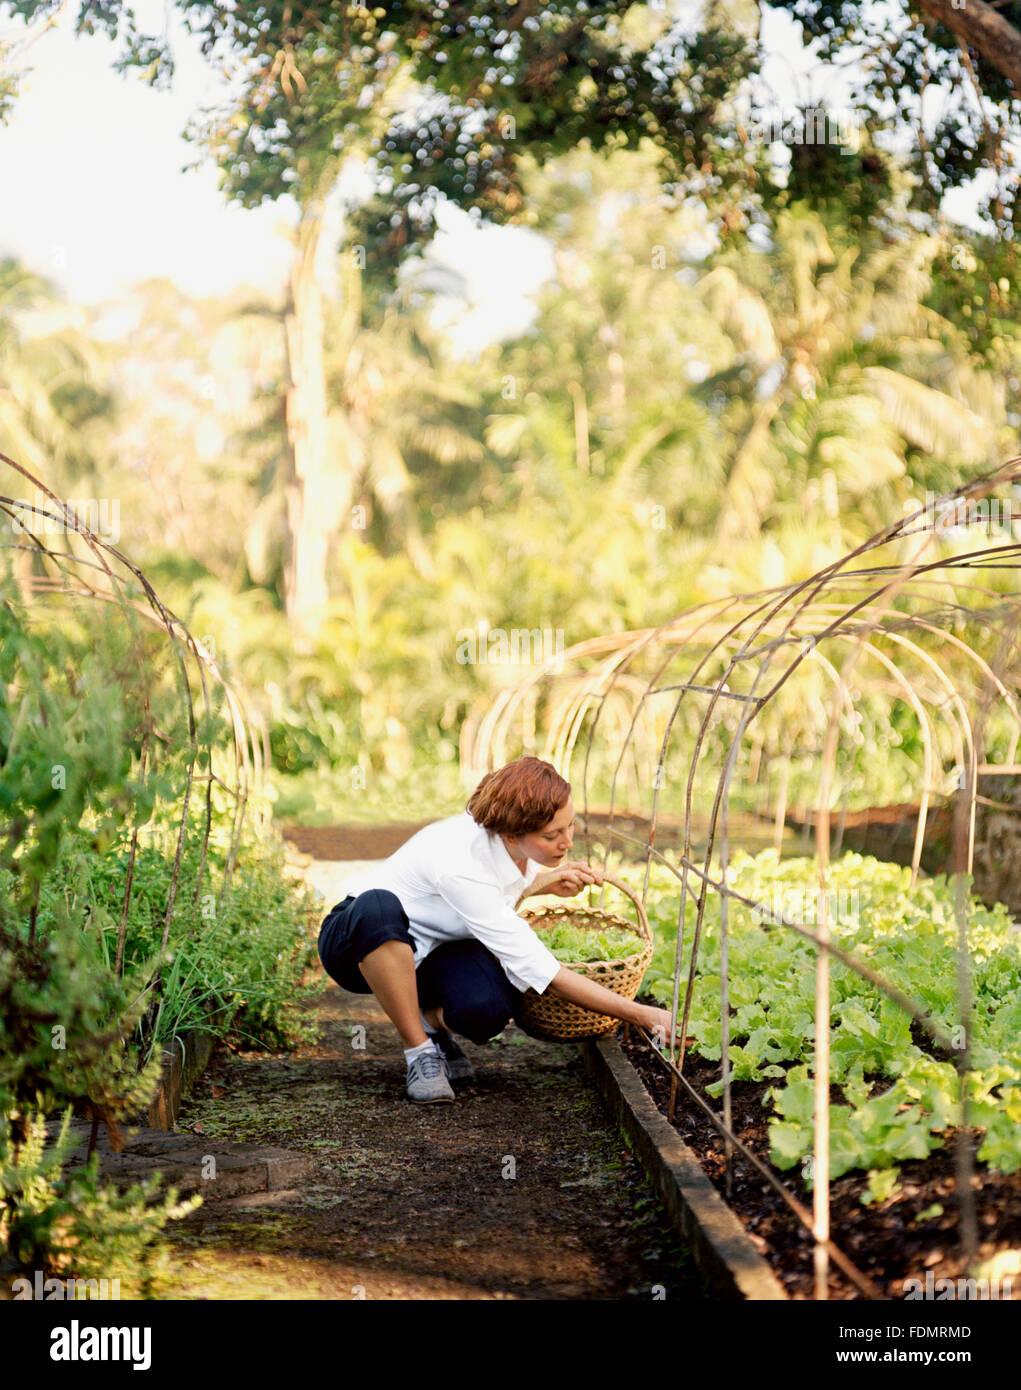 Amerikanische Raw Food Chef Karen Parker nimmt frischen Salat aus dem Garten auf der Farm in San Benito, Philippinen. Stockbild